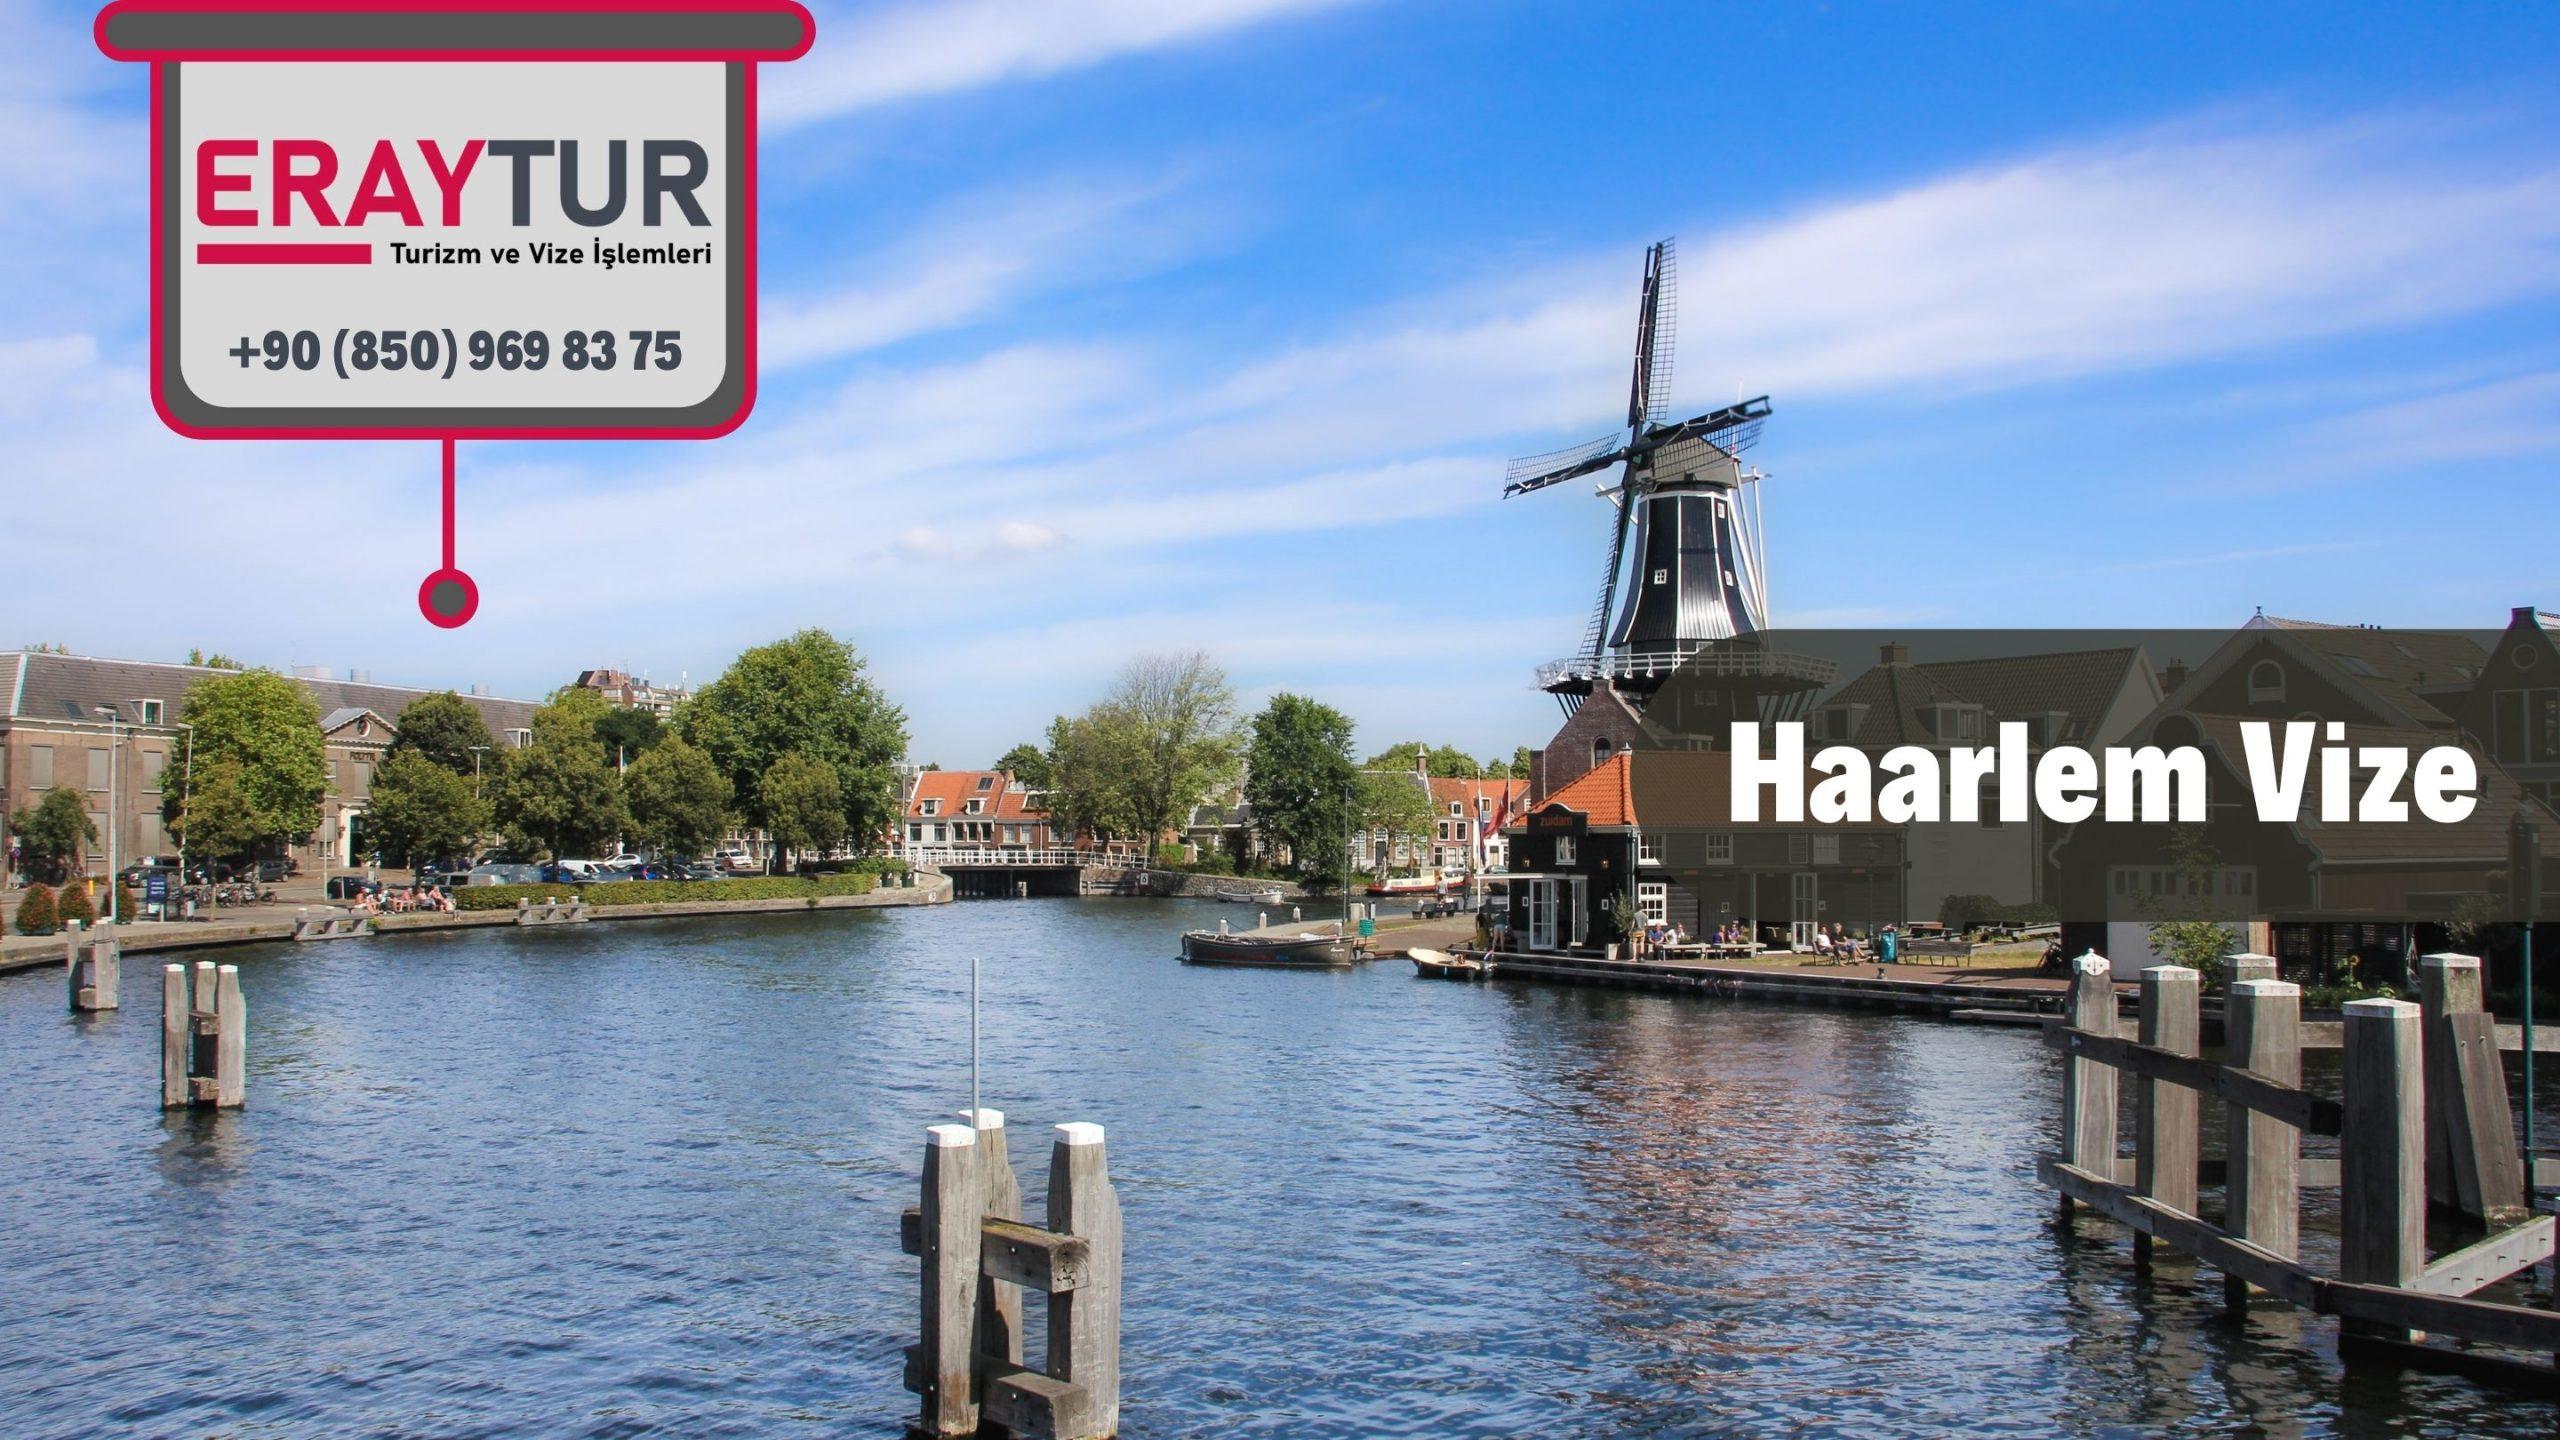 Haarlem Vize 1 – haarlem vize scaled